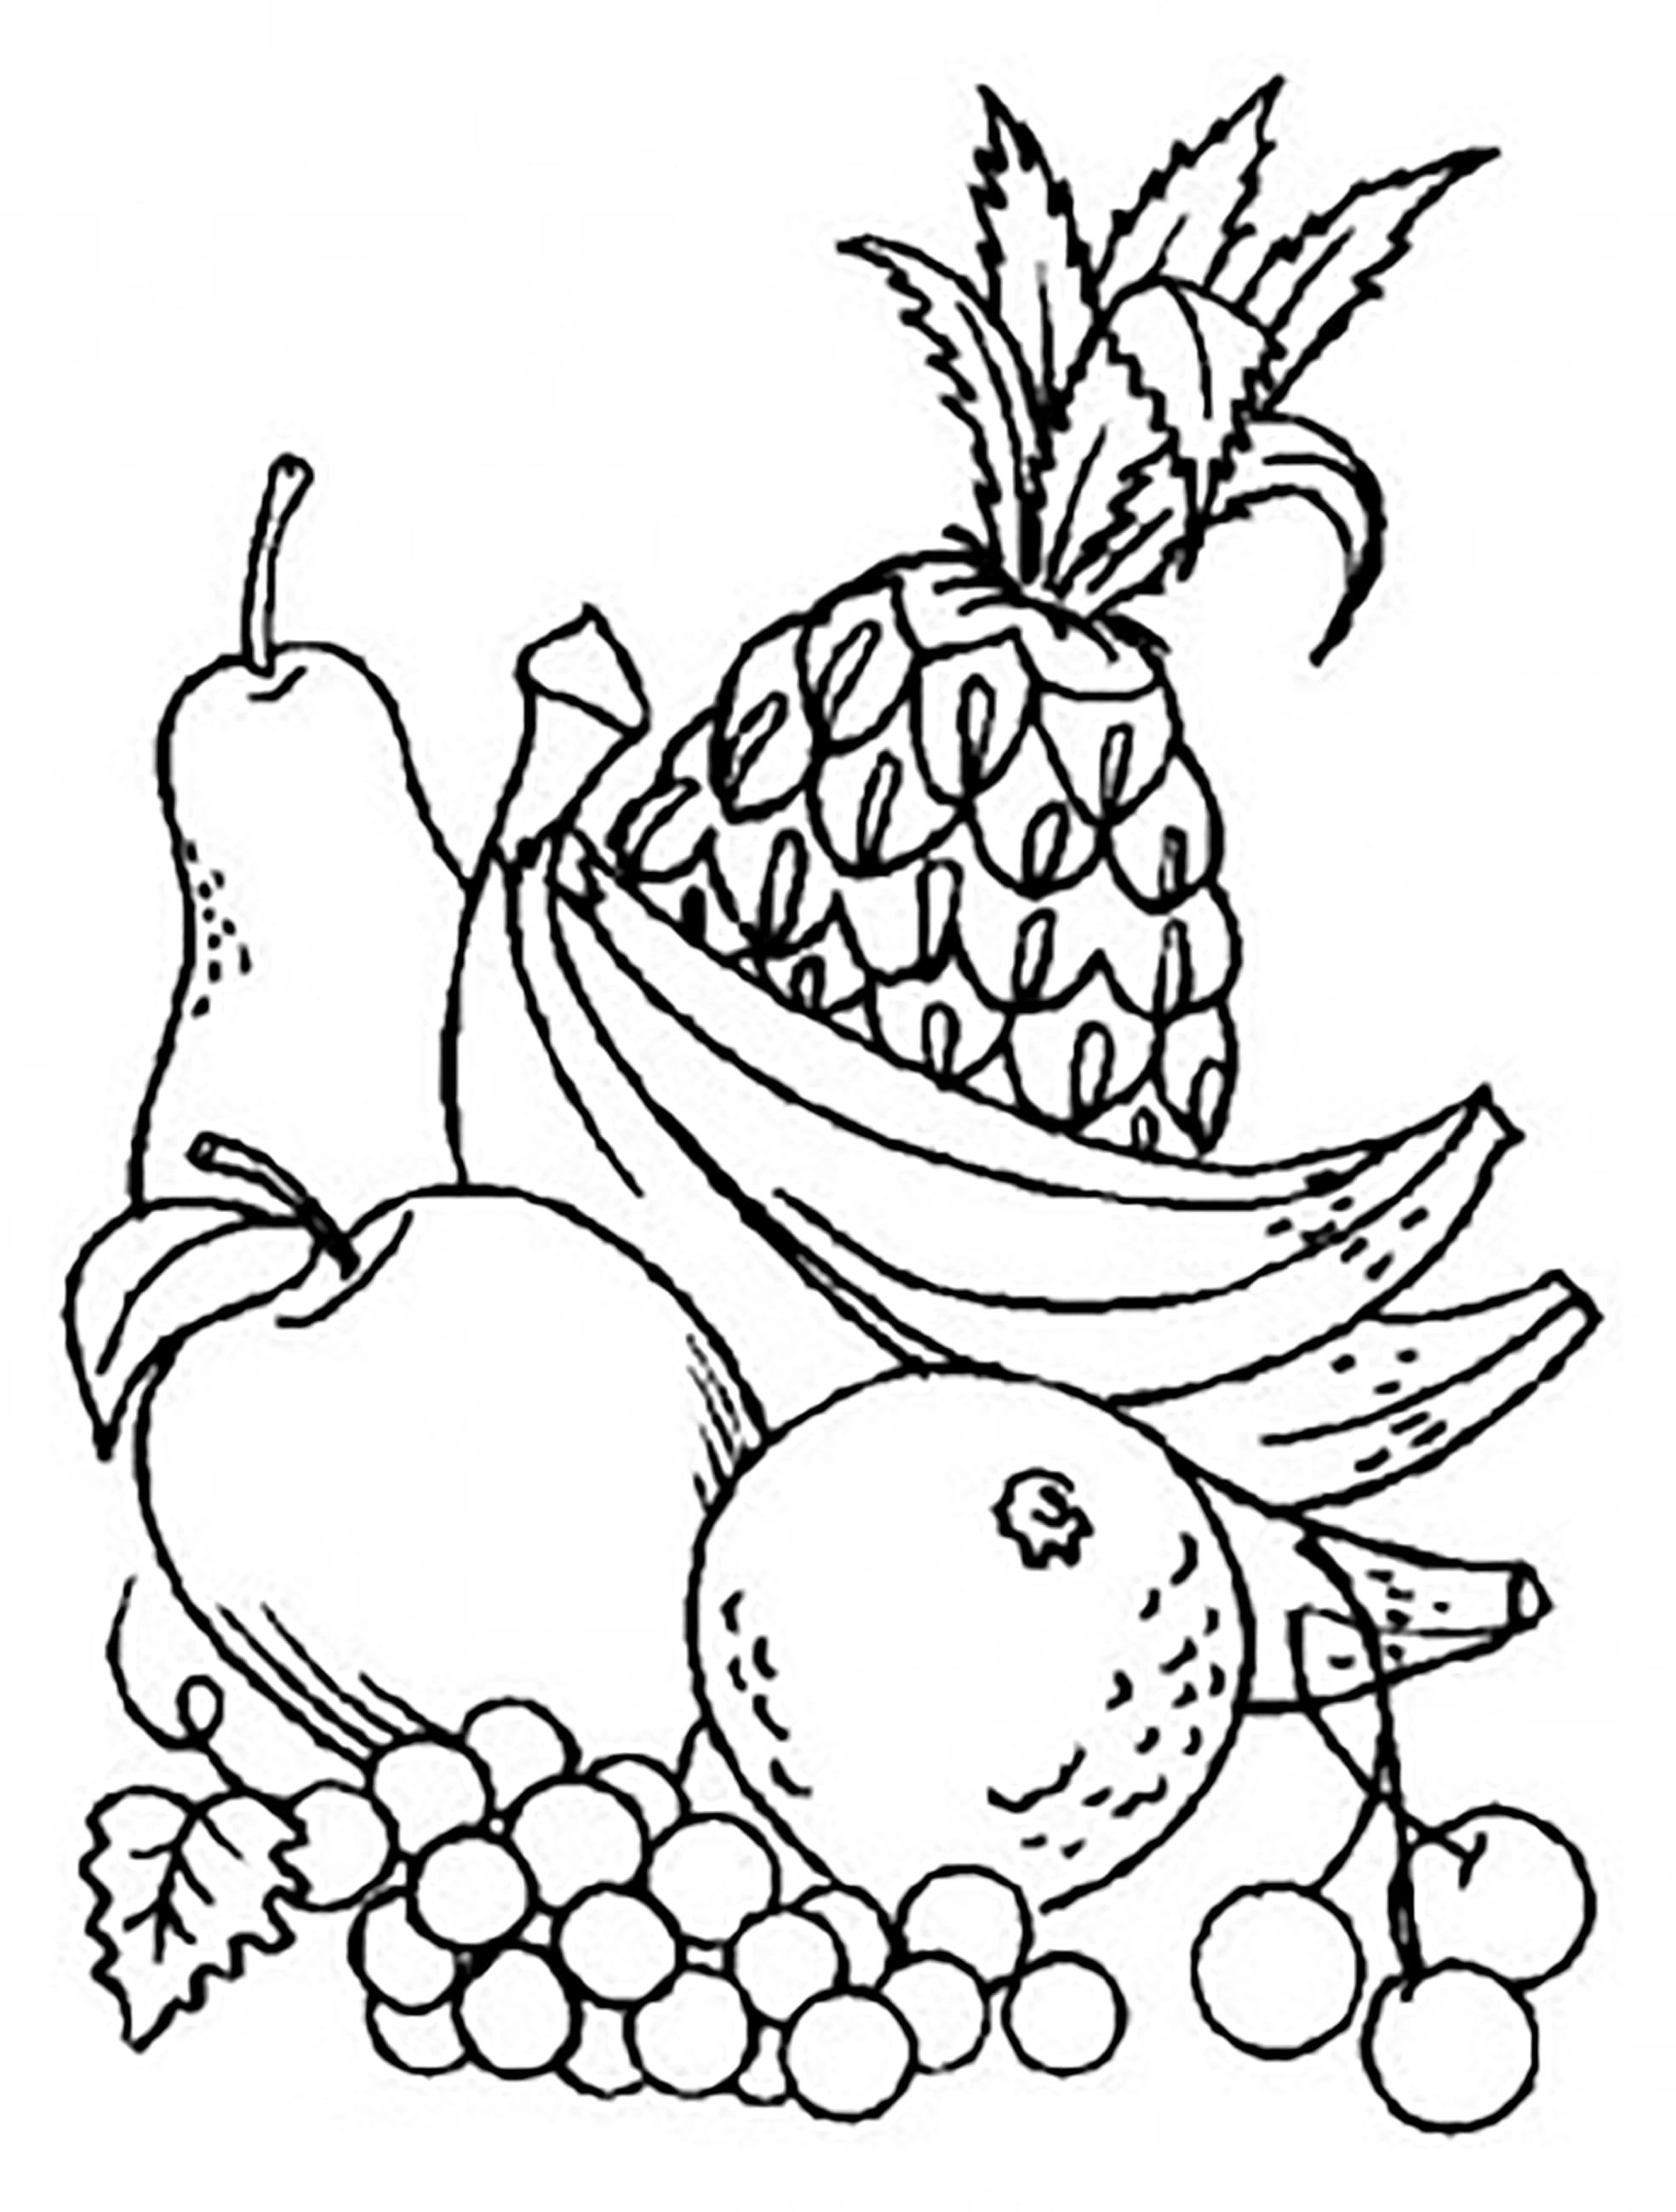 Раскраска фрукты картинки